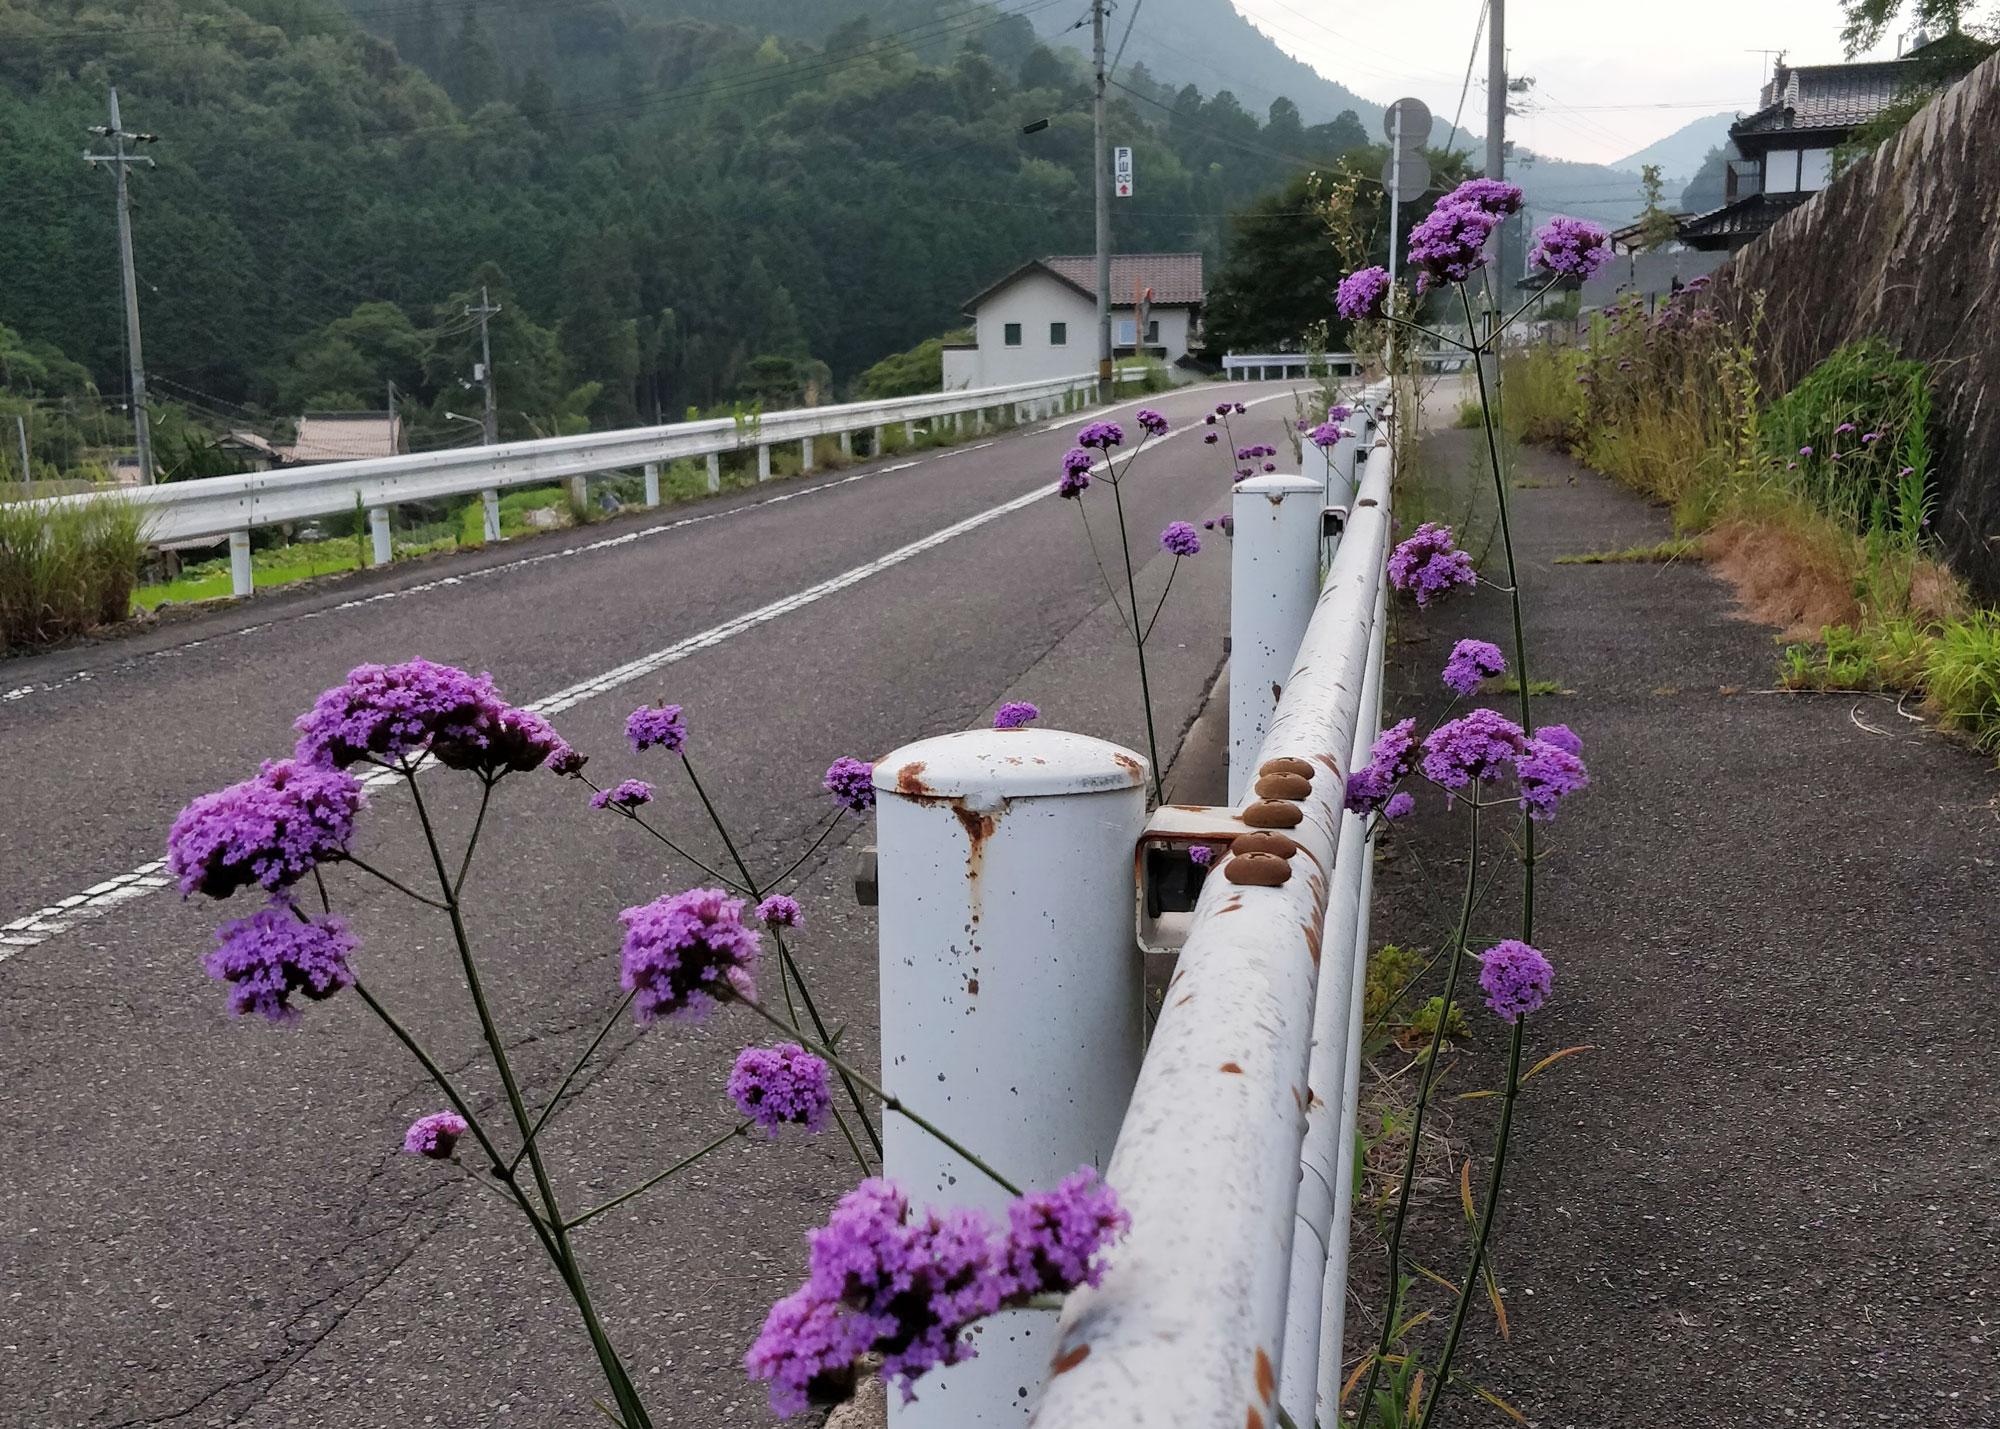 kukkia jalkakäytävän vieressä japanin maaseudulla